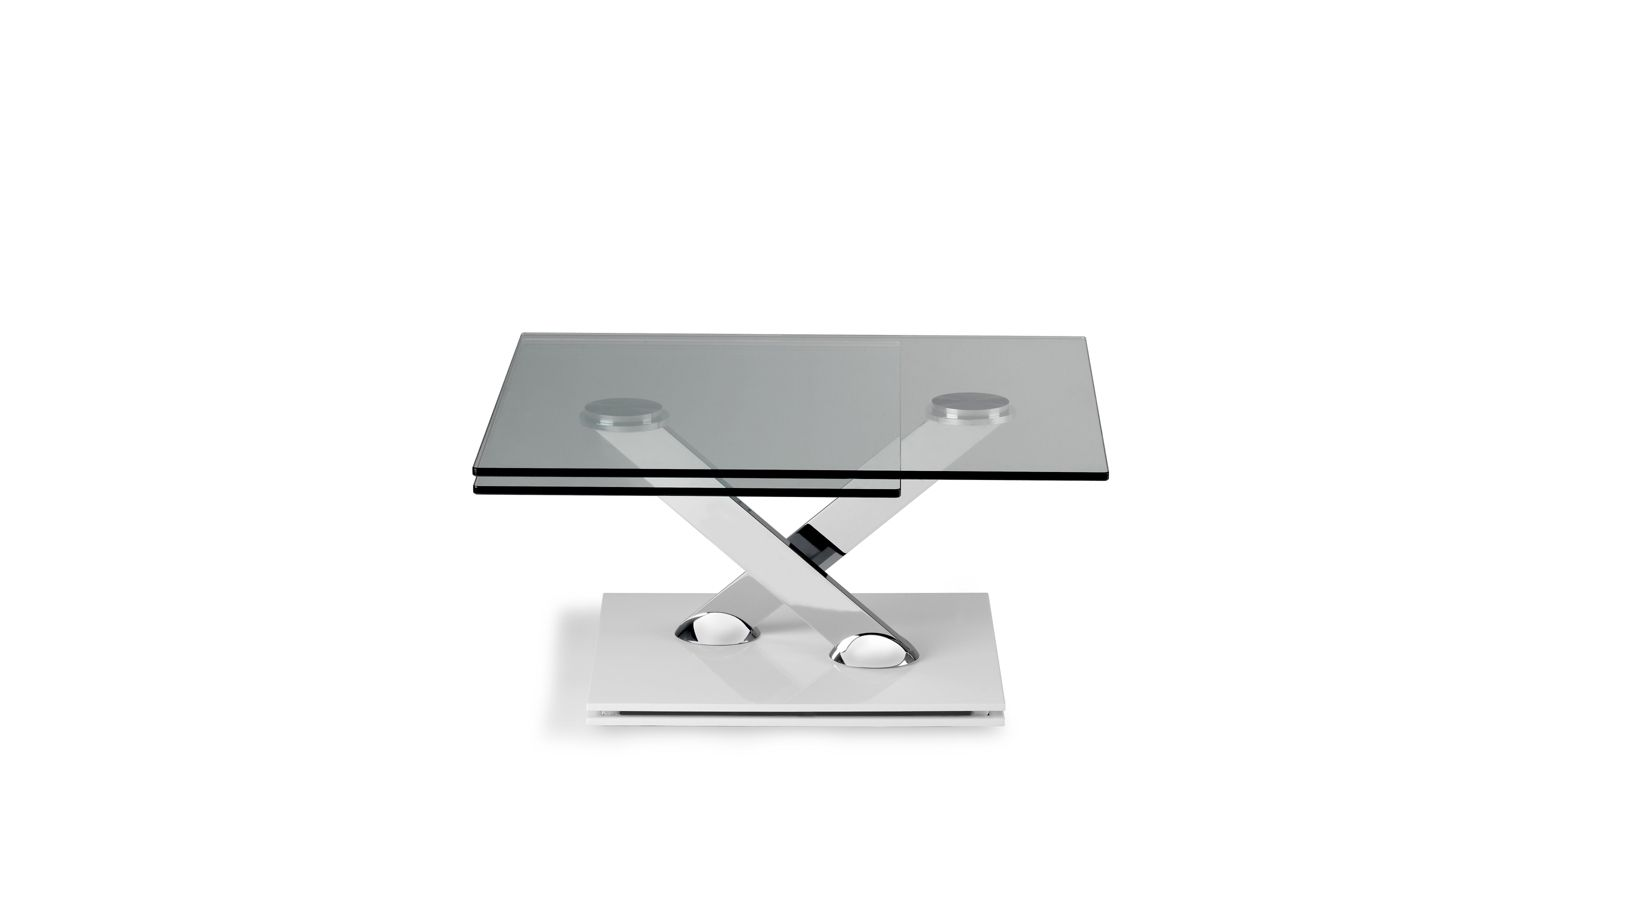 wundersch nen tables basses roche bobois id es de conception de table basse. Black Bedroom Furniture Sets. Home Design Ideas